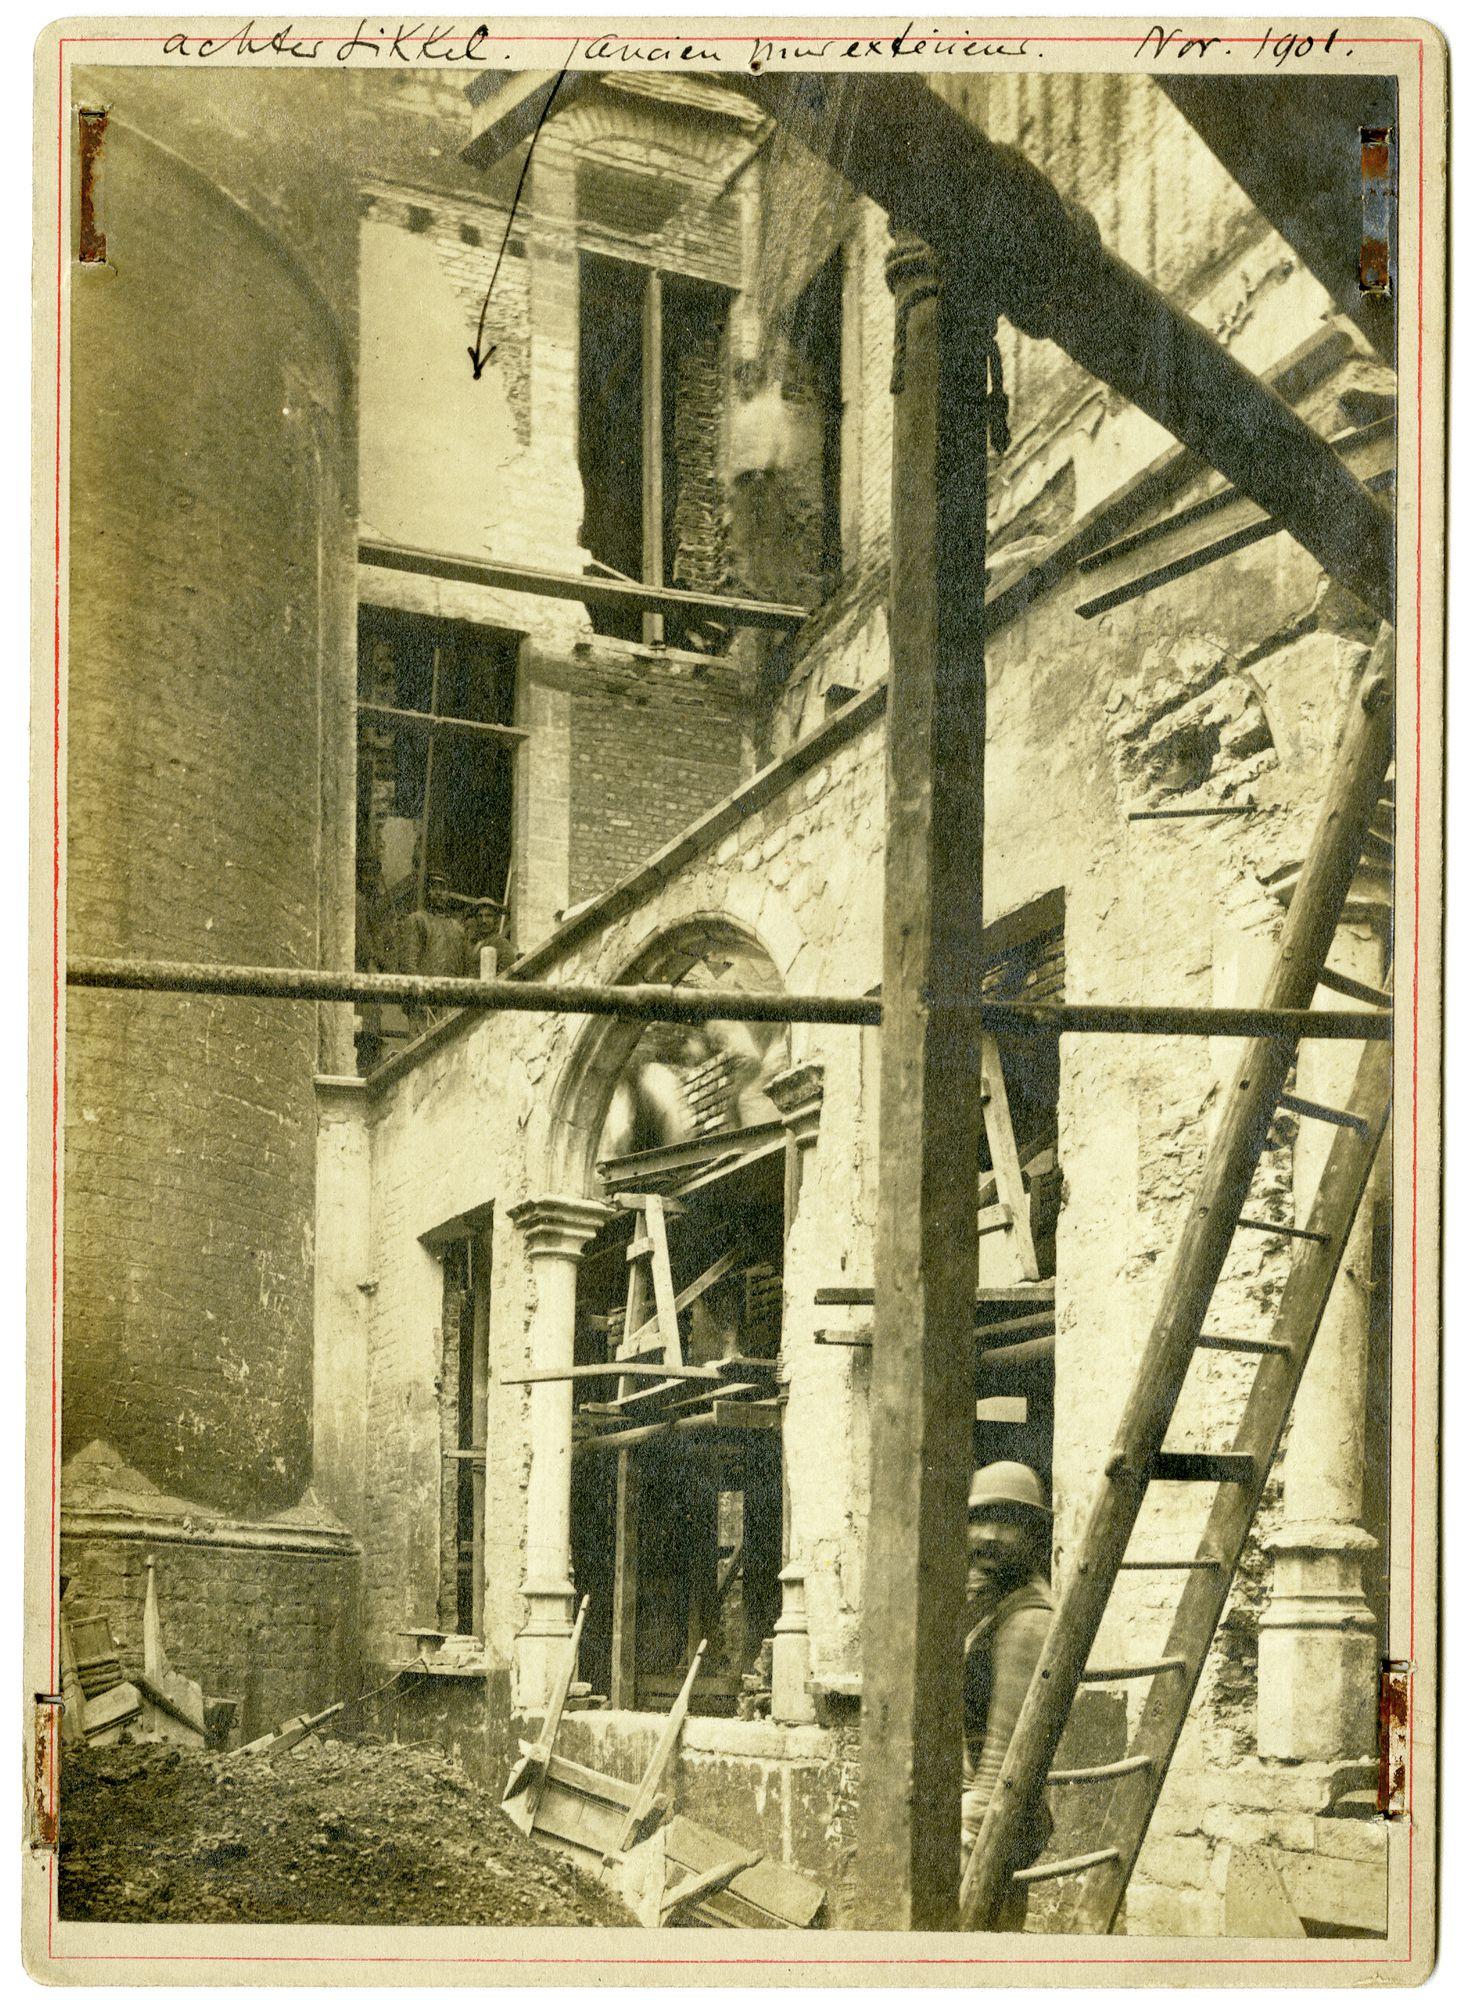 Gent: Achtersikkel, restauratie binnenplaats en buitenmuur